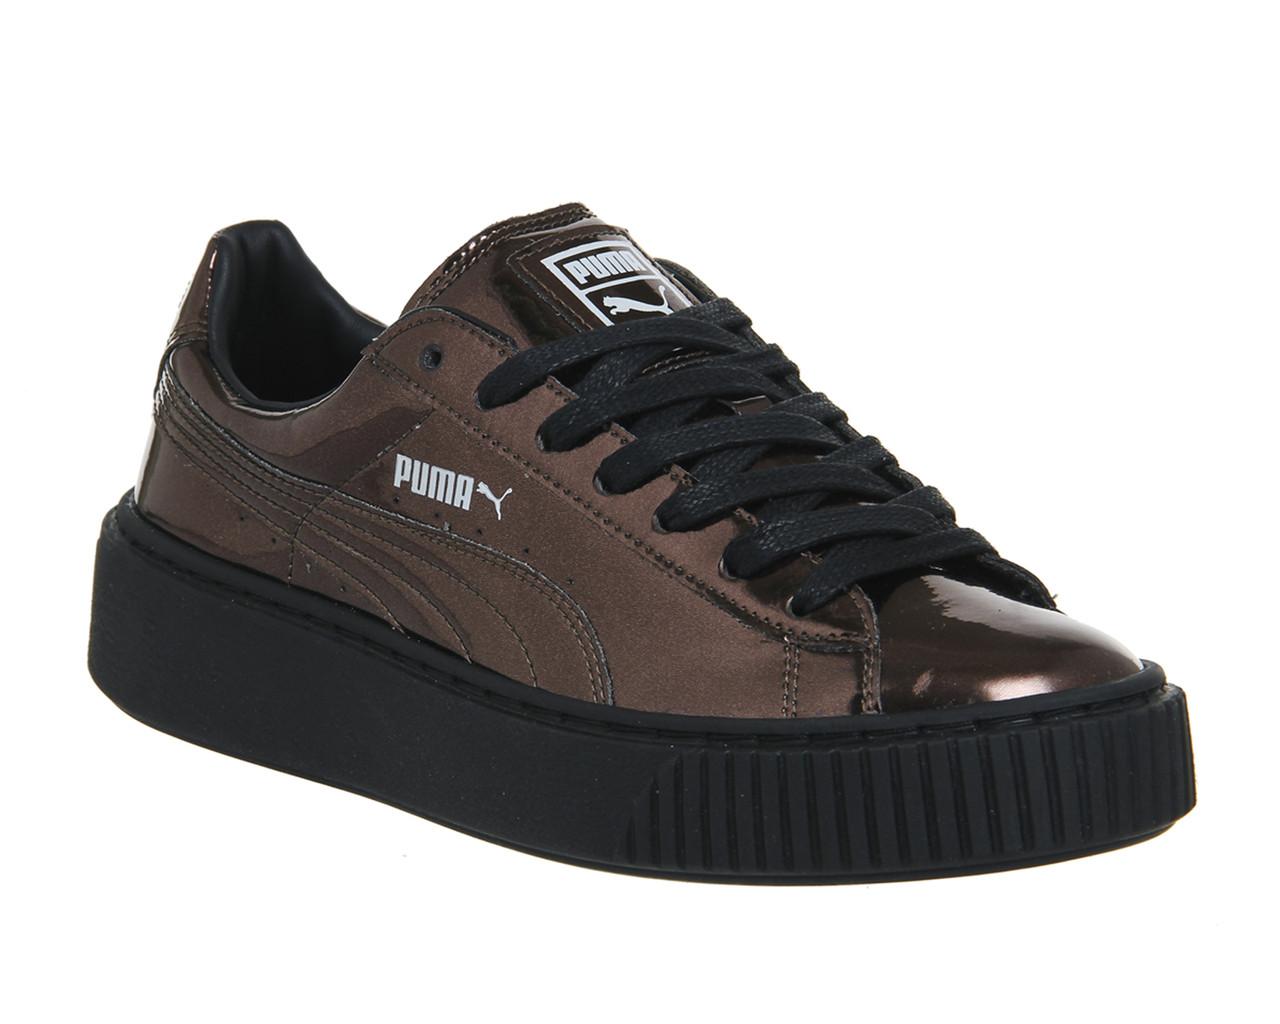 ... Кроссовки женские Puma Basket Platform Metallic Sneakers bronze. пума  баскет платформ, обувь интернет магазин ... 698f47e1827